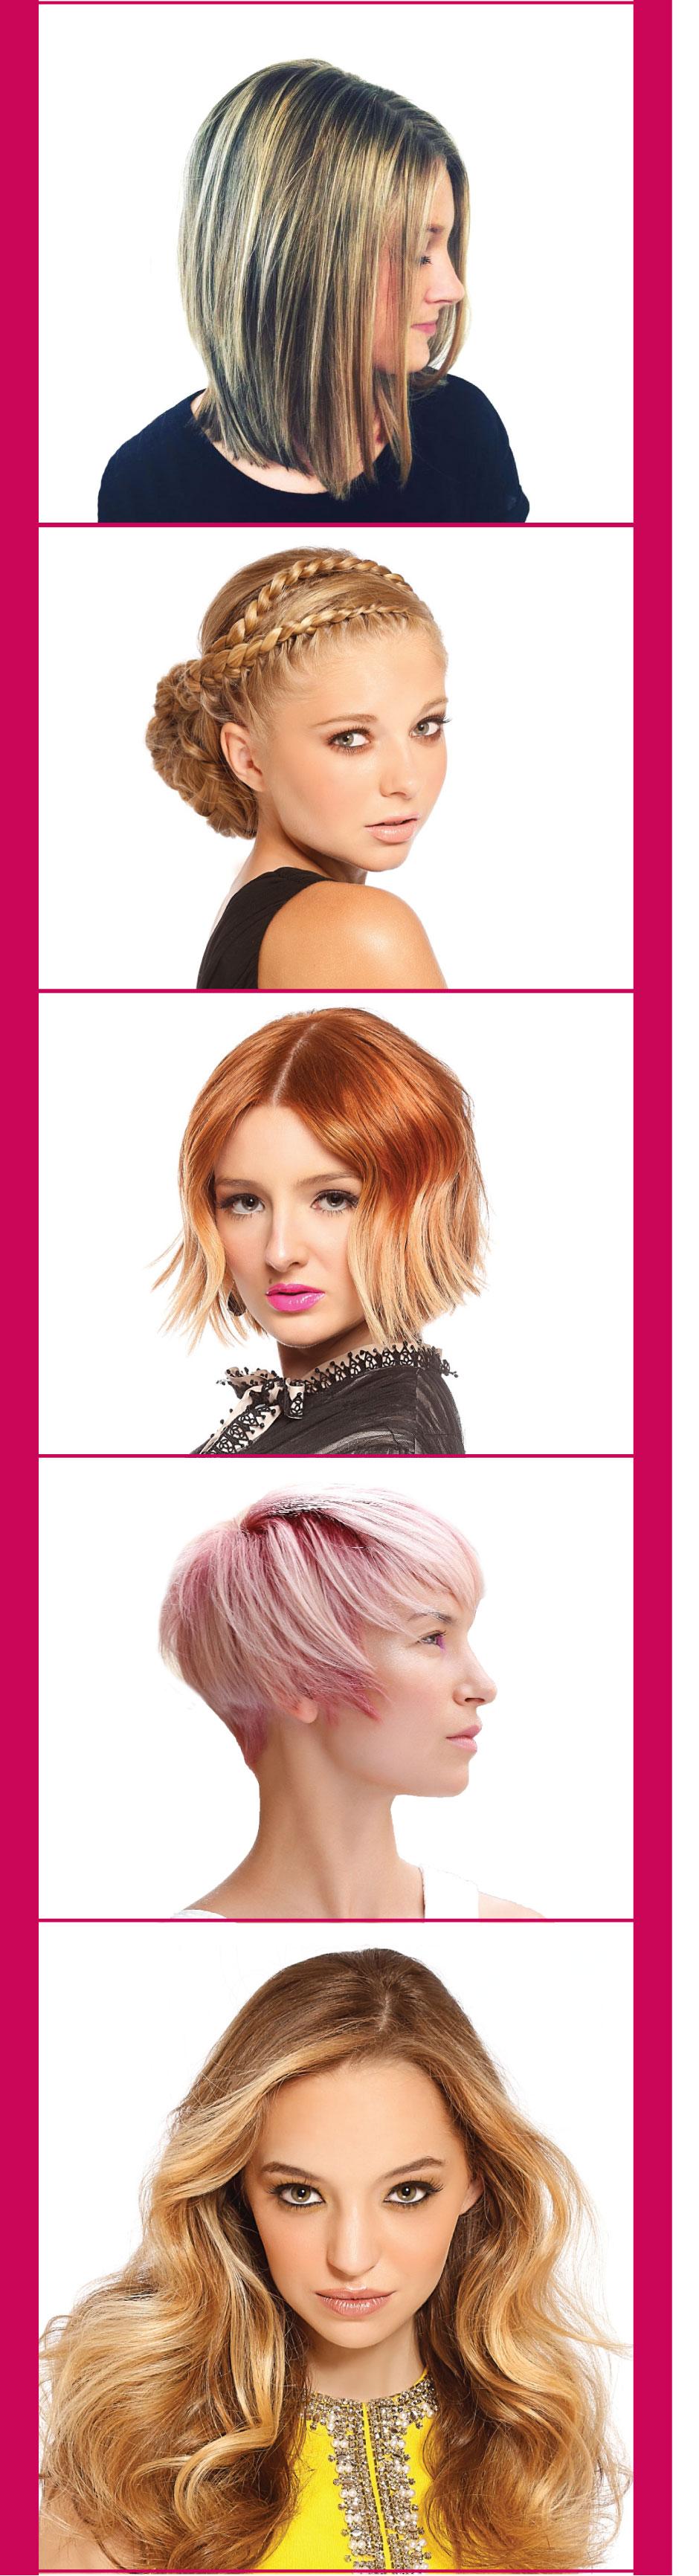 HAIR-TRENDS-PHOTOS